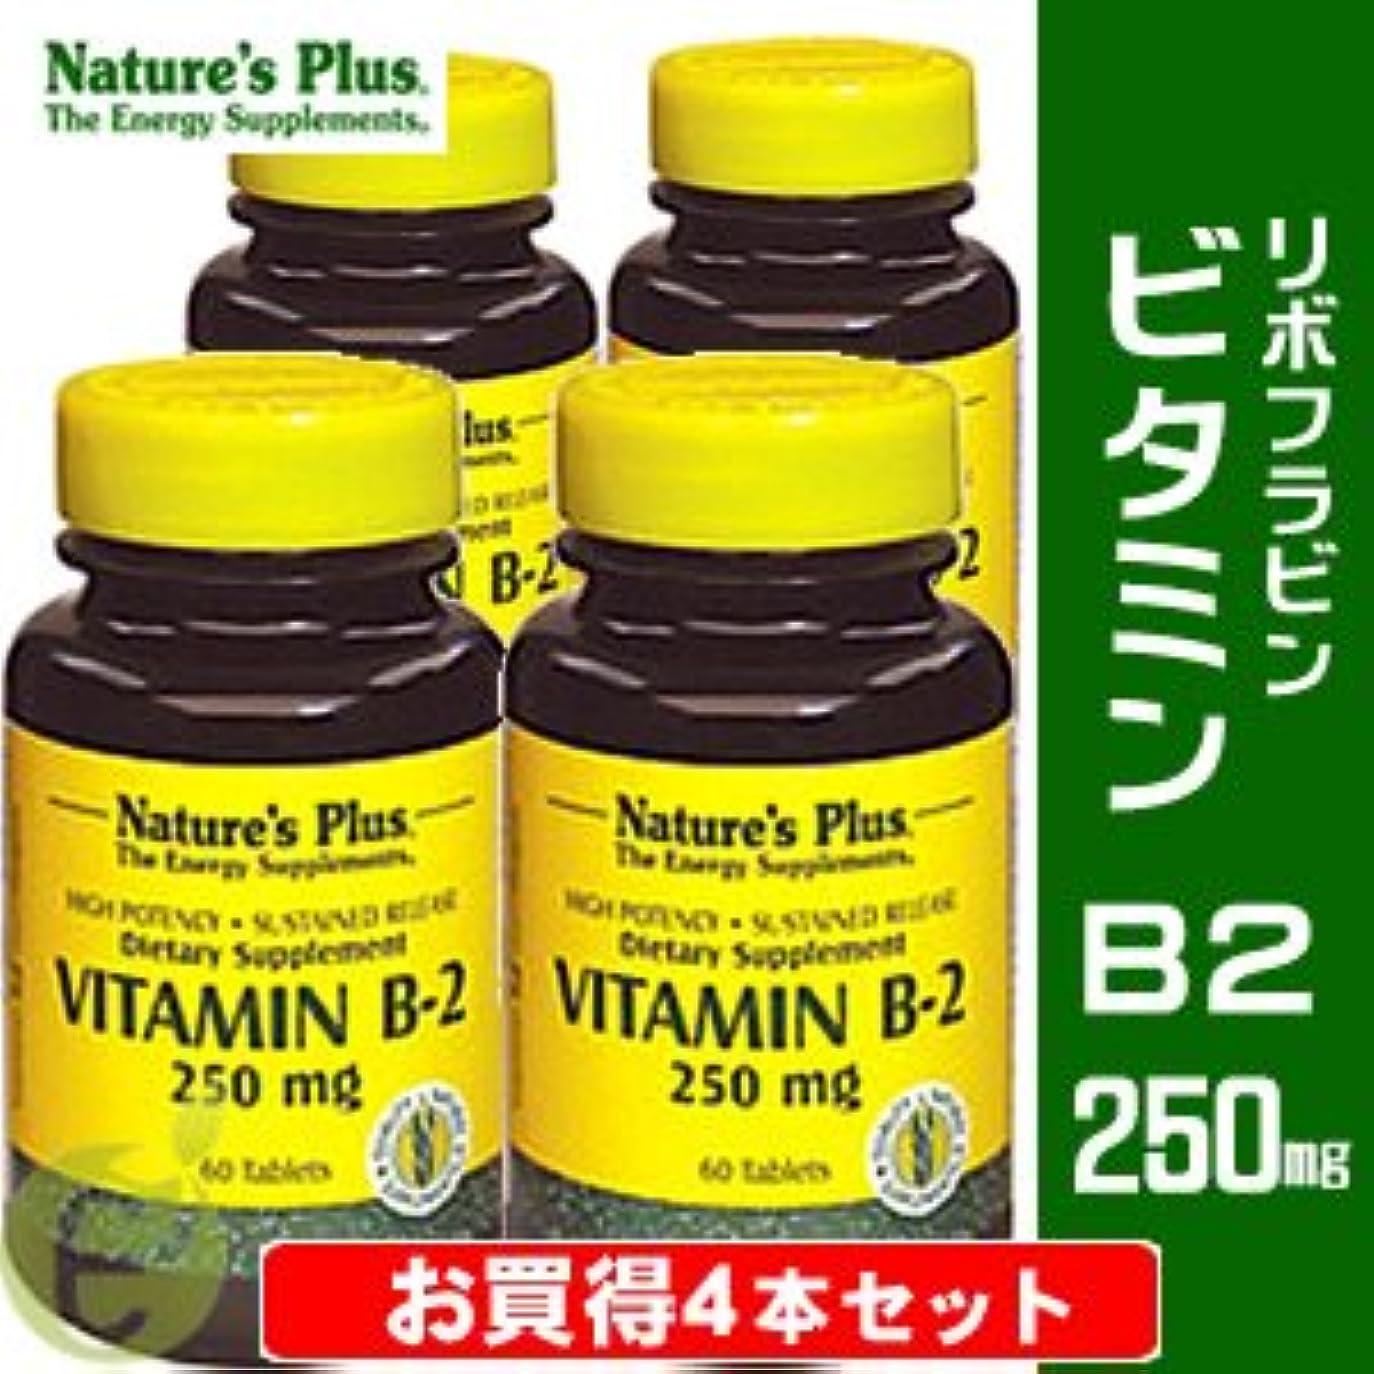 全滅させる調和のとれた突然のビタミンB2 250mg (リボフラビン) 【お買得4本セット】